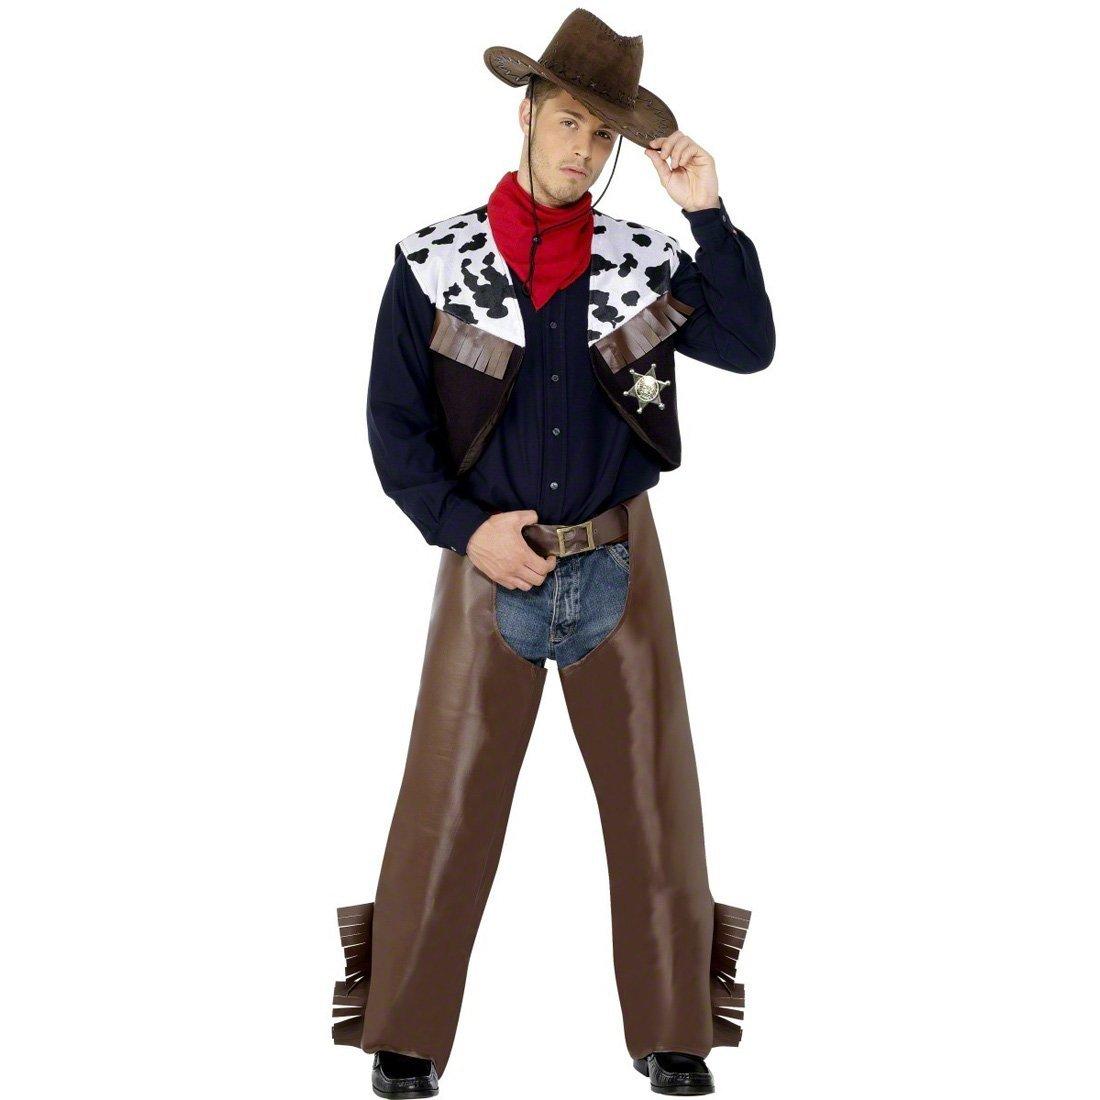 NET TOYS Traje de Vaquero de Rodeo Disfraz Oeste Cowboy Western ...